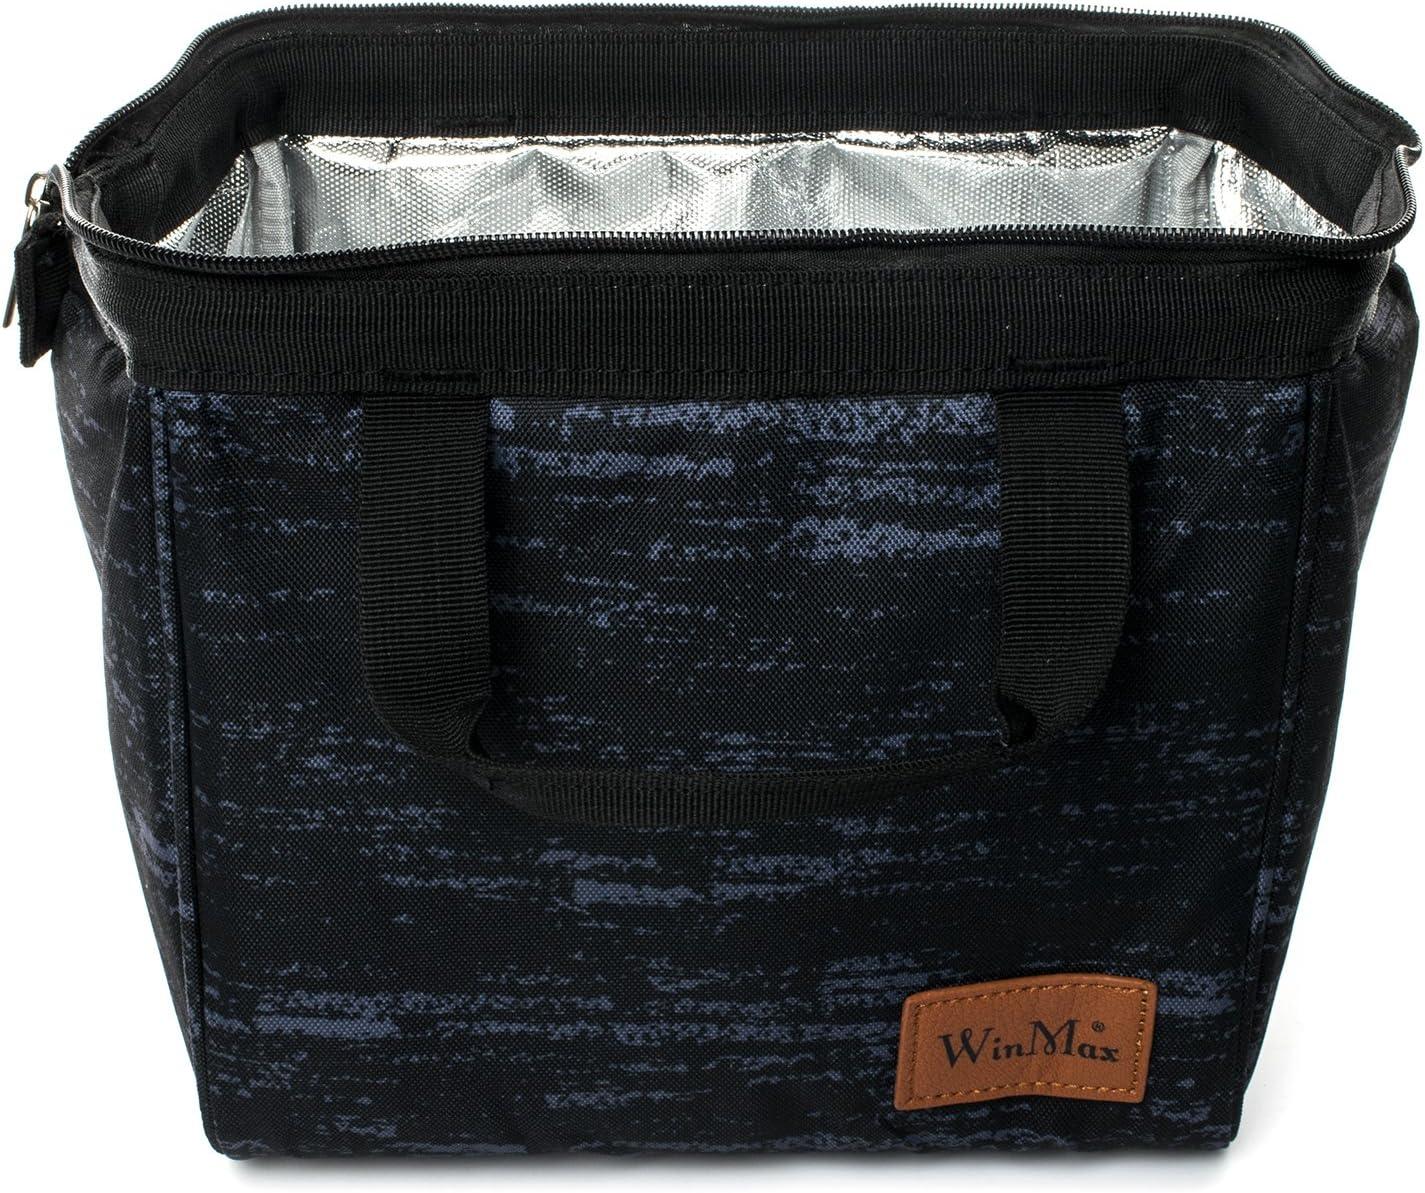 Borsa Termica Borsa Pranzo Manutenzione di Freddo e Caldo Porta Pranzo Cibo Alimentazione con Maniglia Durevole Lunch Box per Campeggio Lavoro Scuola Grigio